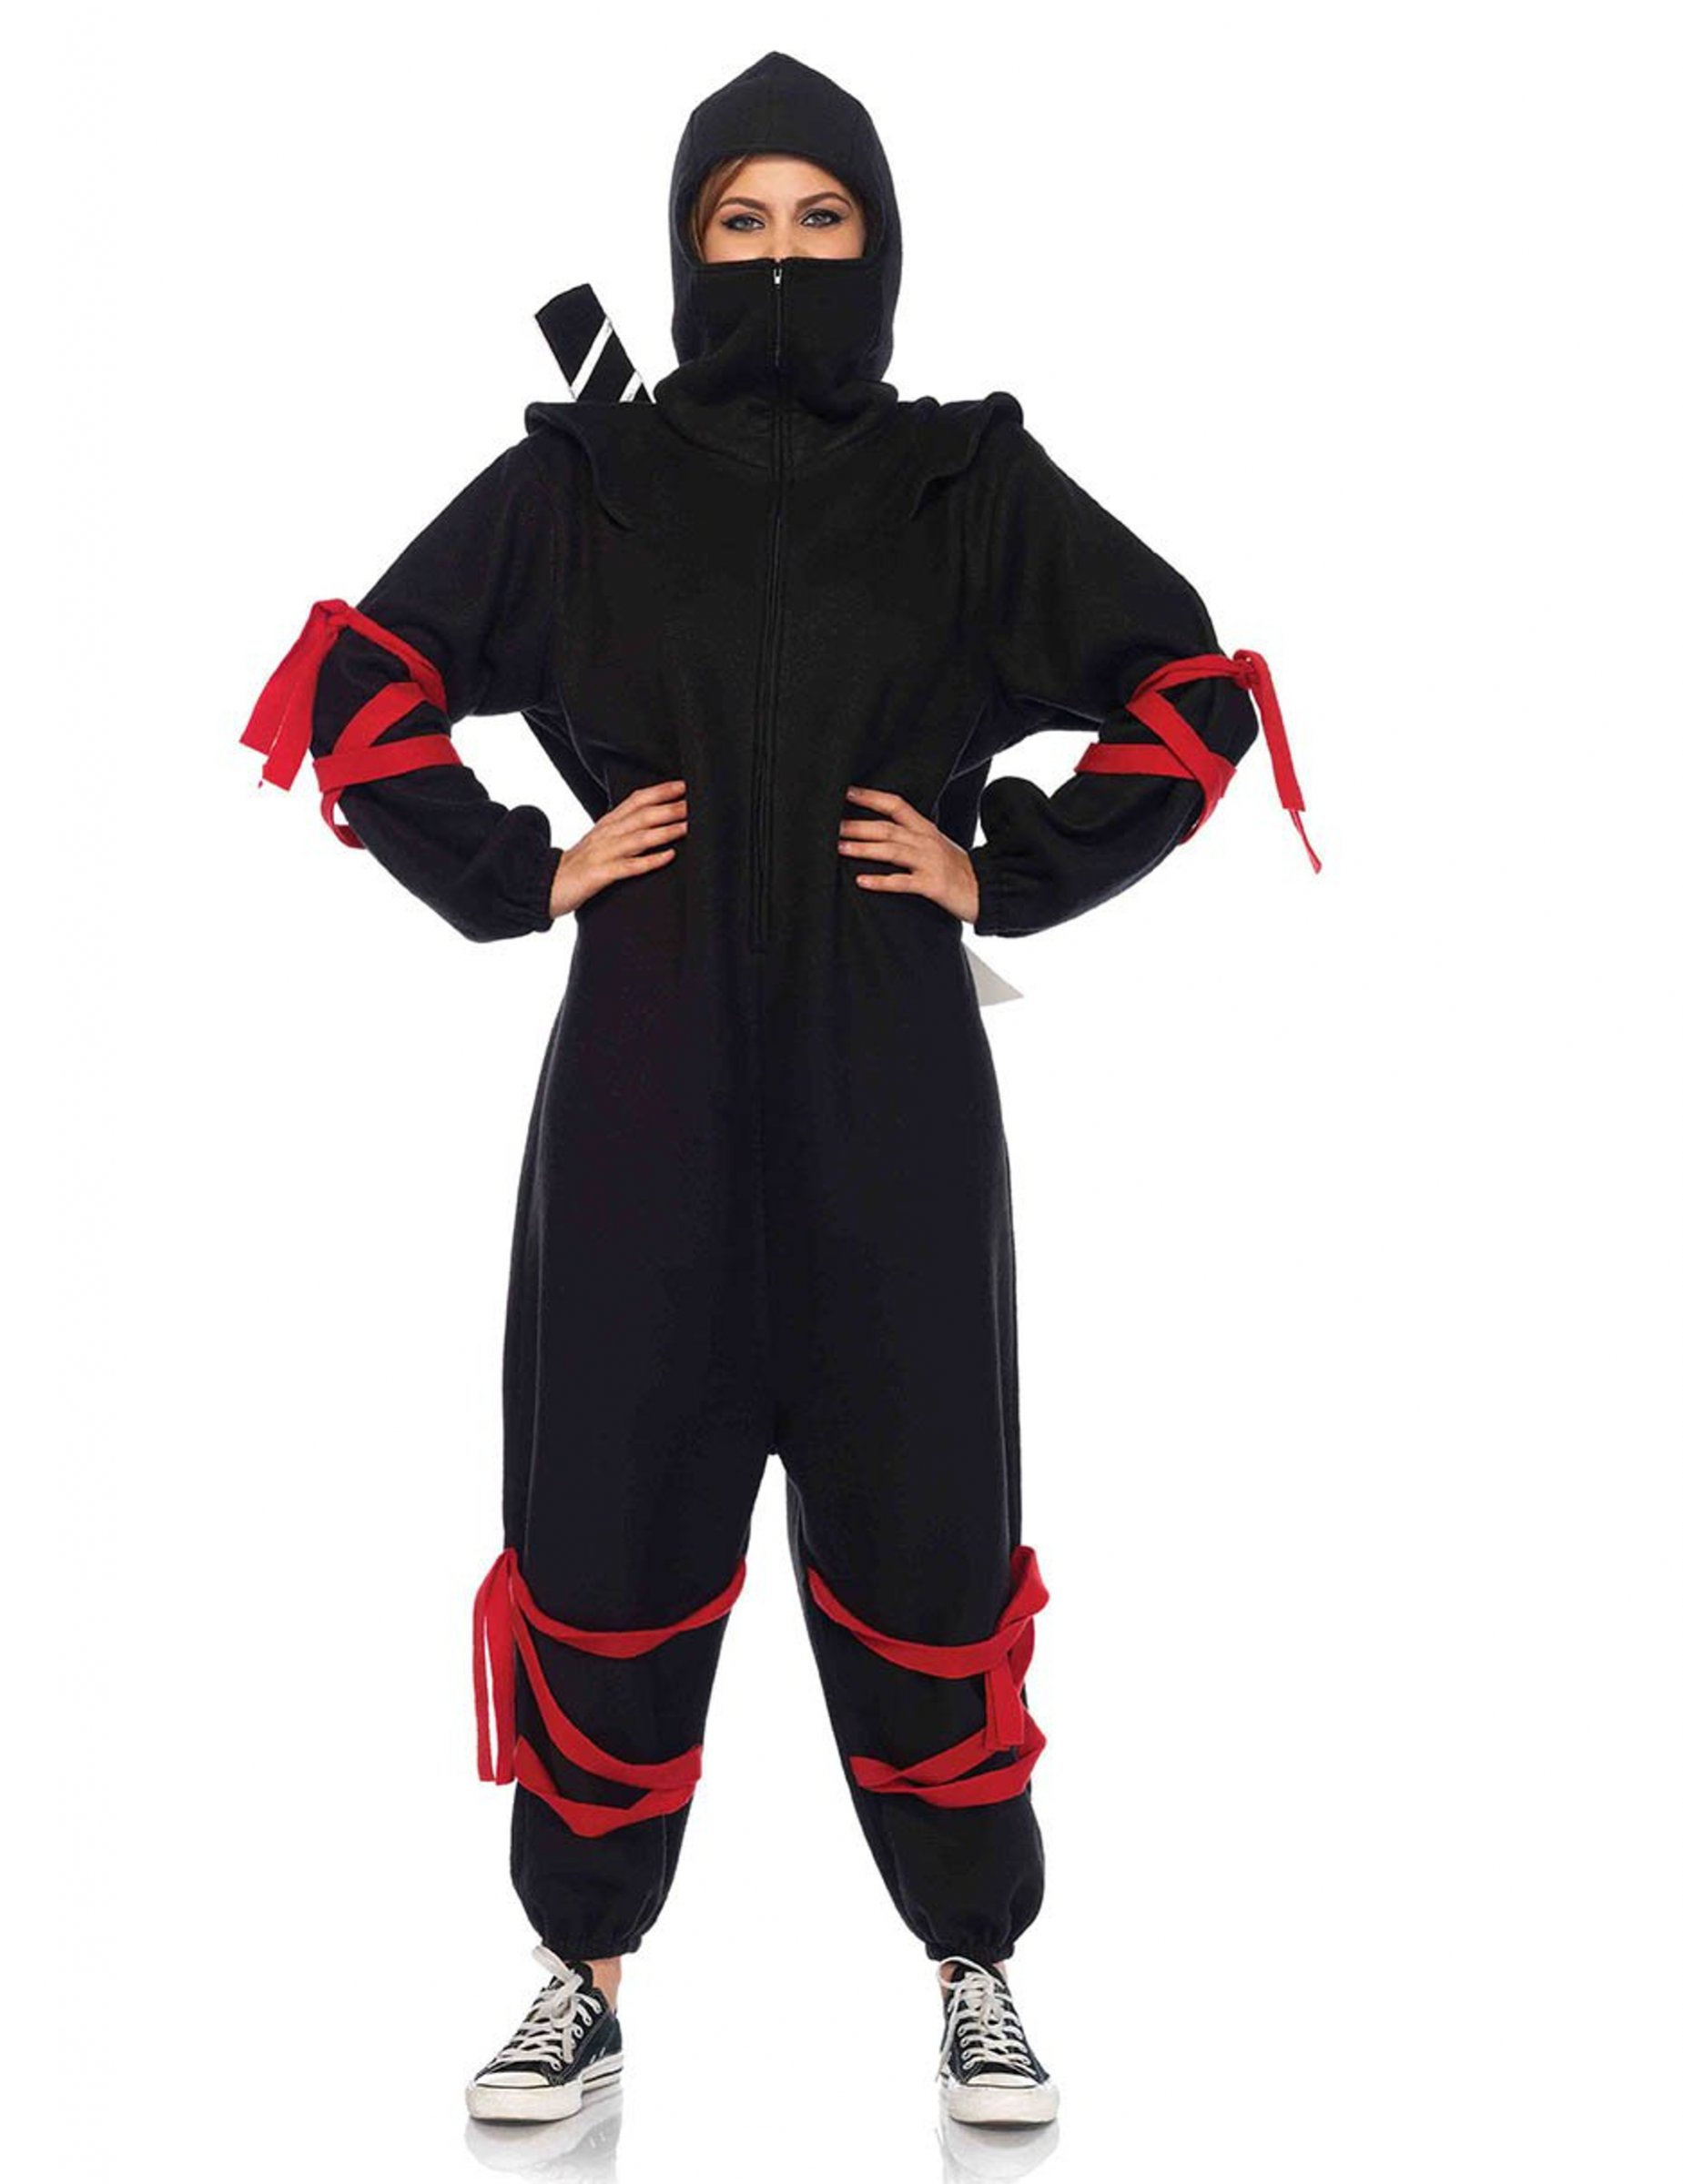 cdbf5614fcf Ninja onesie voor vrouwen: Volwassenen kostuums,en goedkope ...